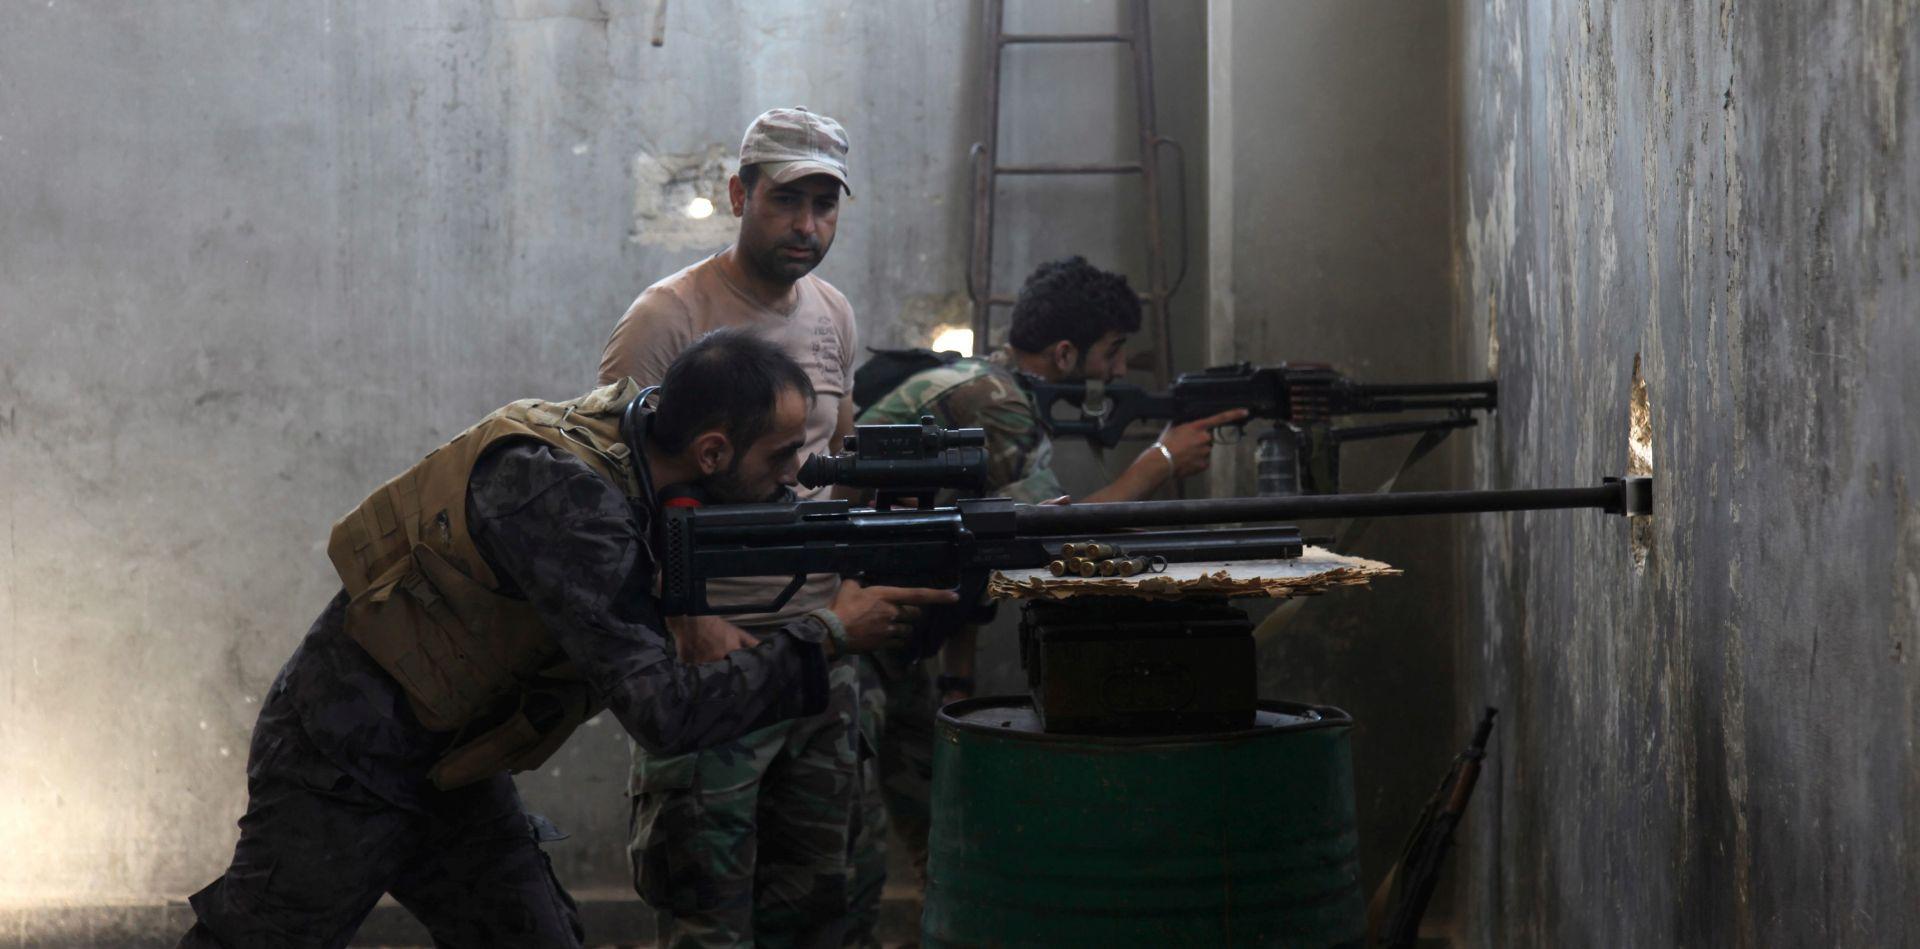 SIRIJA Osveta za granatiranje bolnica – raketiran Damask, poginulo najmanje 8 osoba